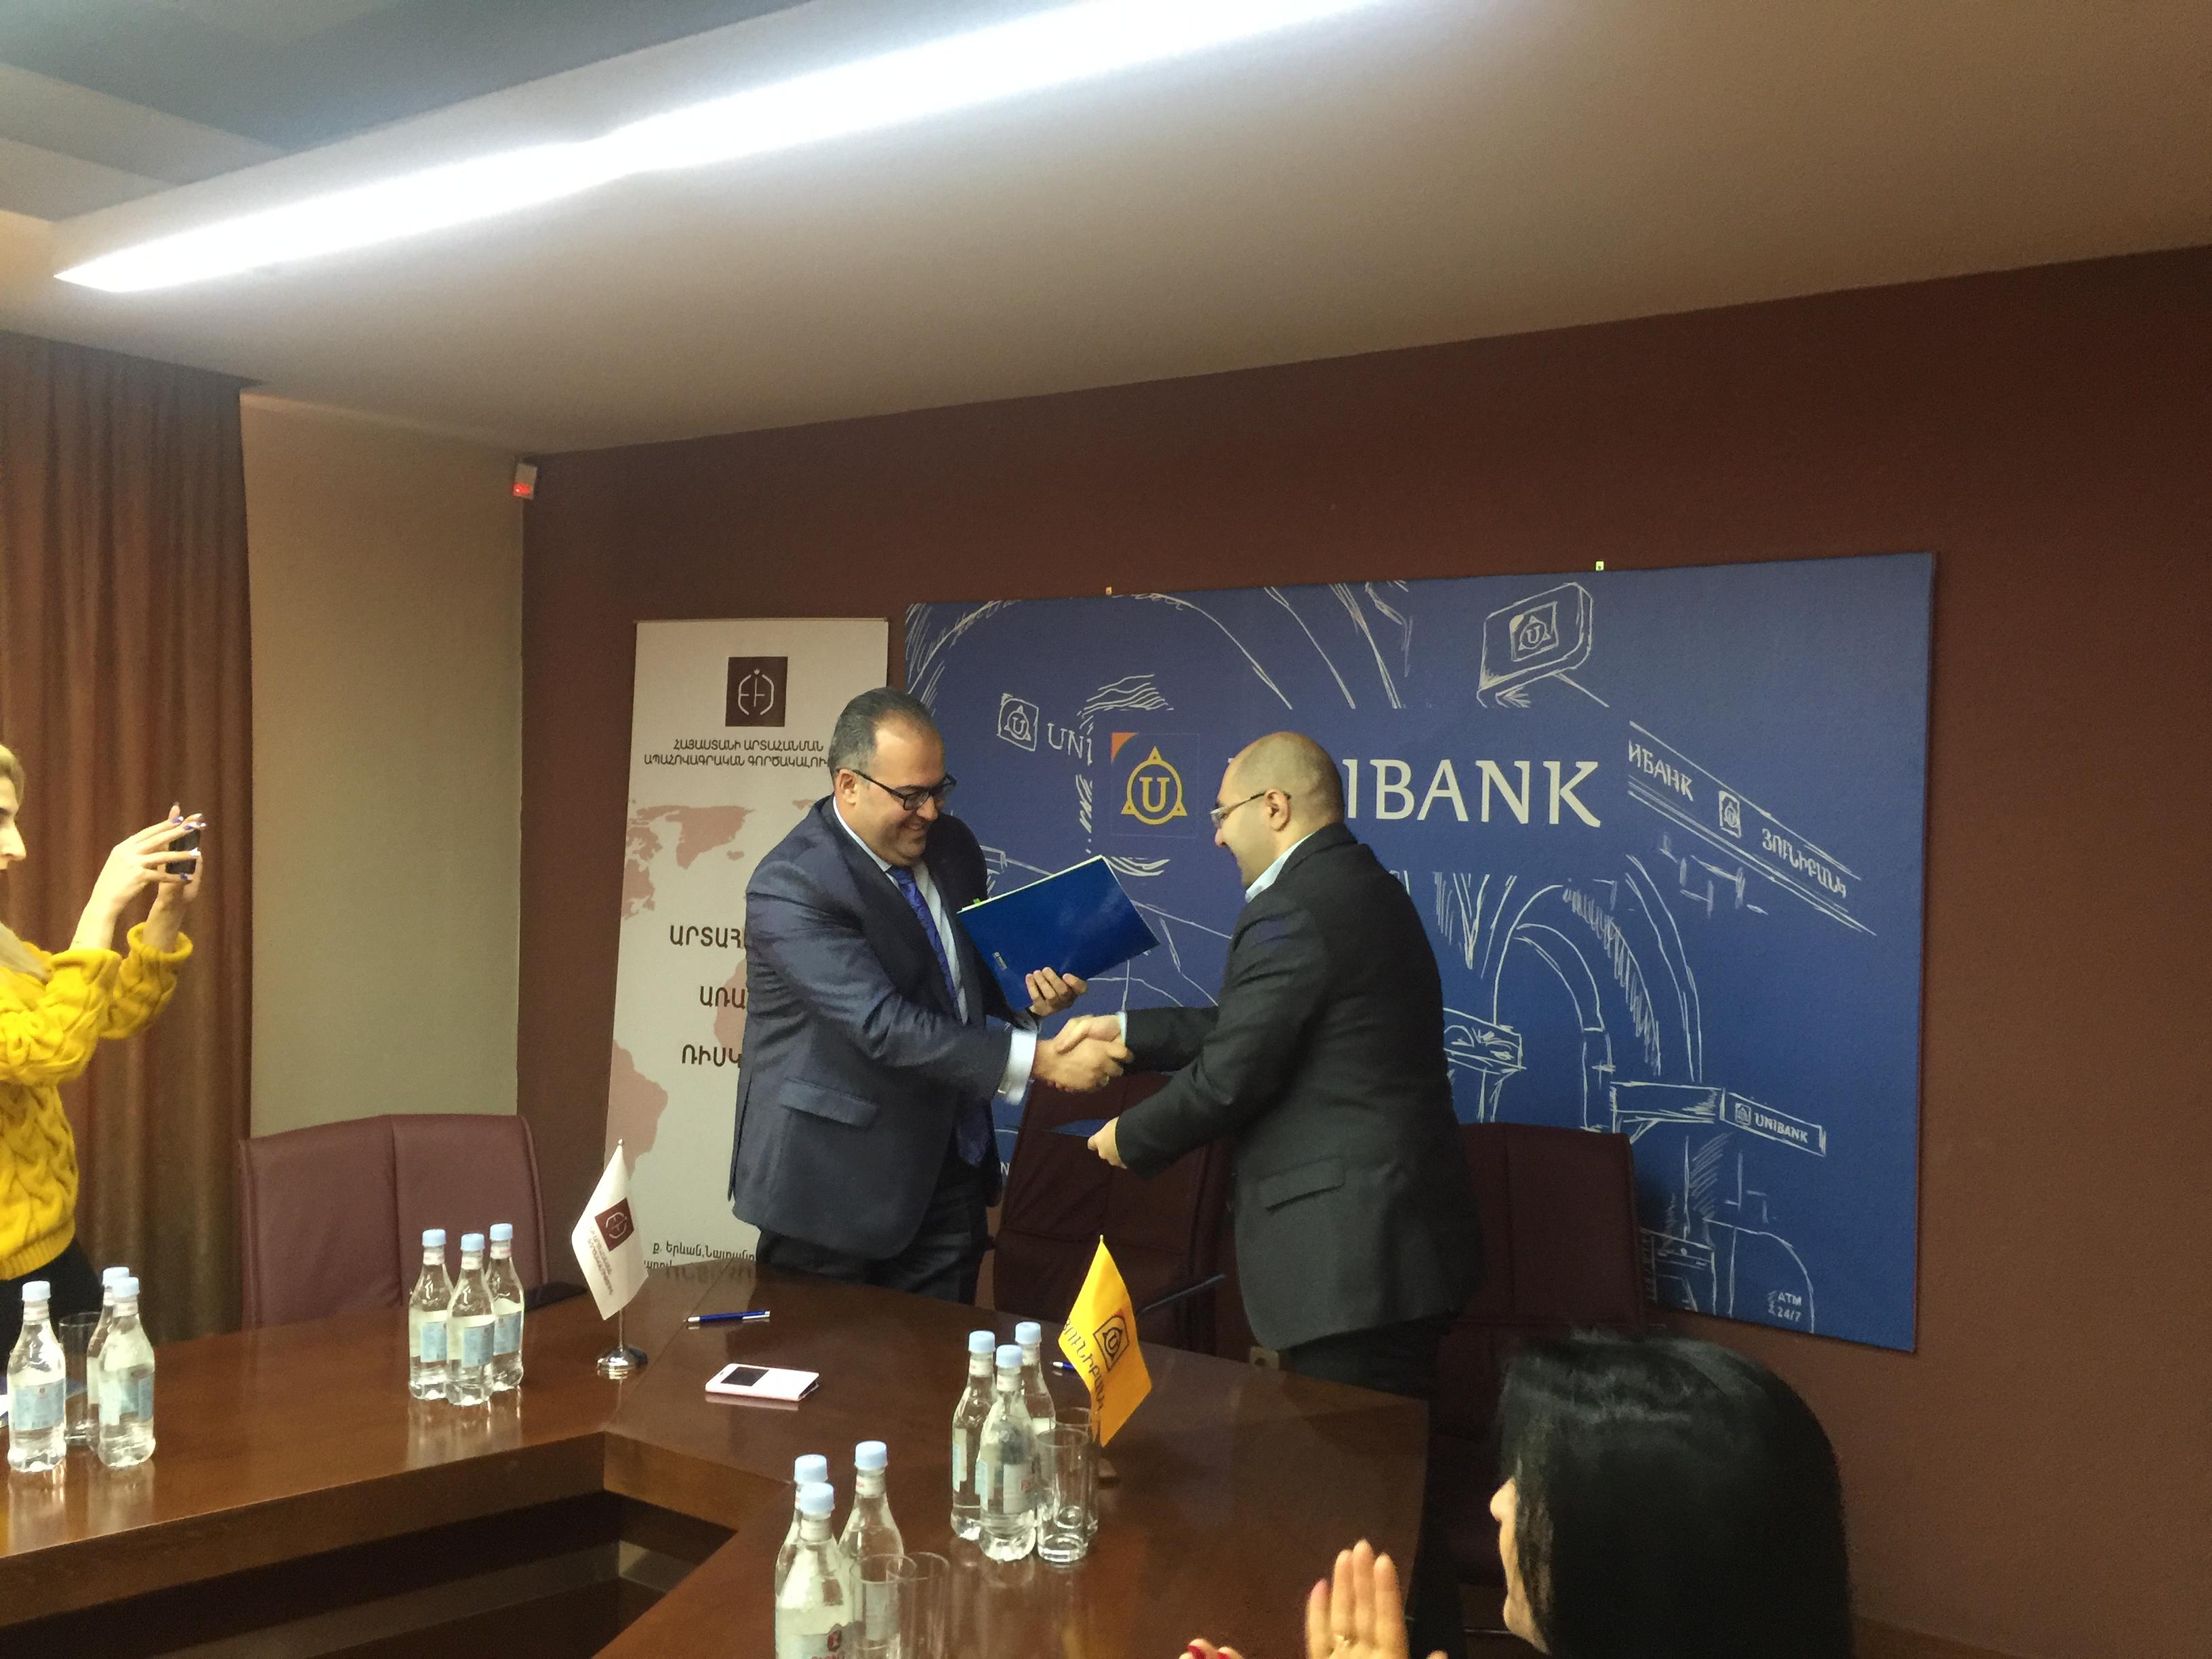 Յունիբանկը և Հայաստանի արտահանման ապահովագրական գործակալությունը կաջակցեն արտահանող ՓՄՁ-ներին